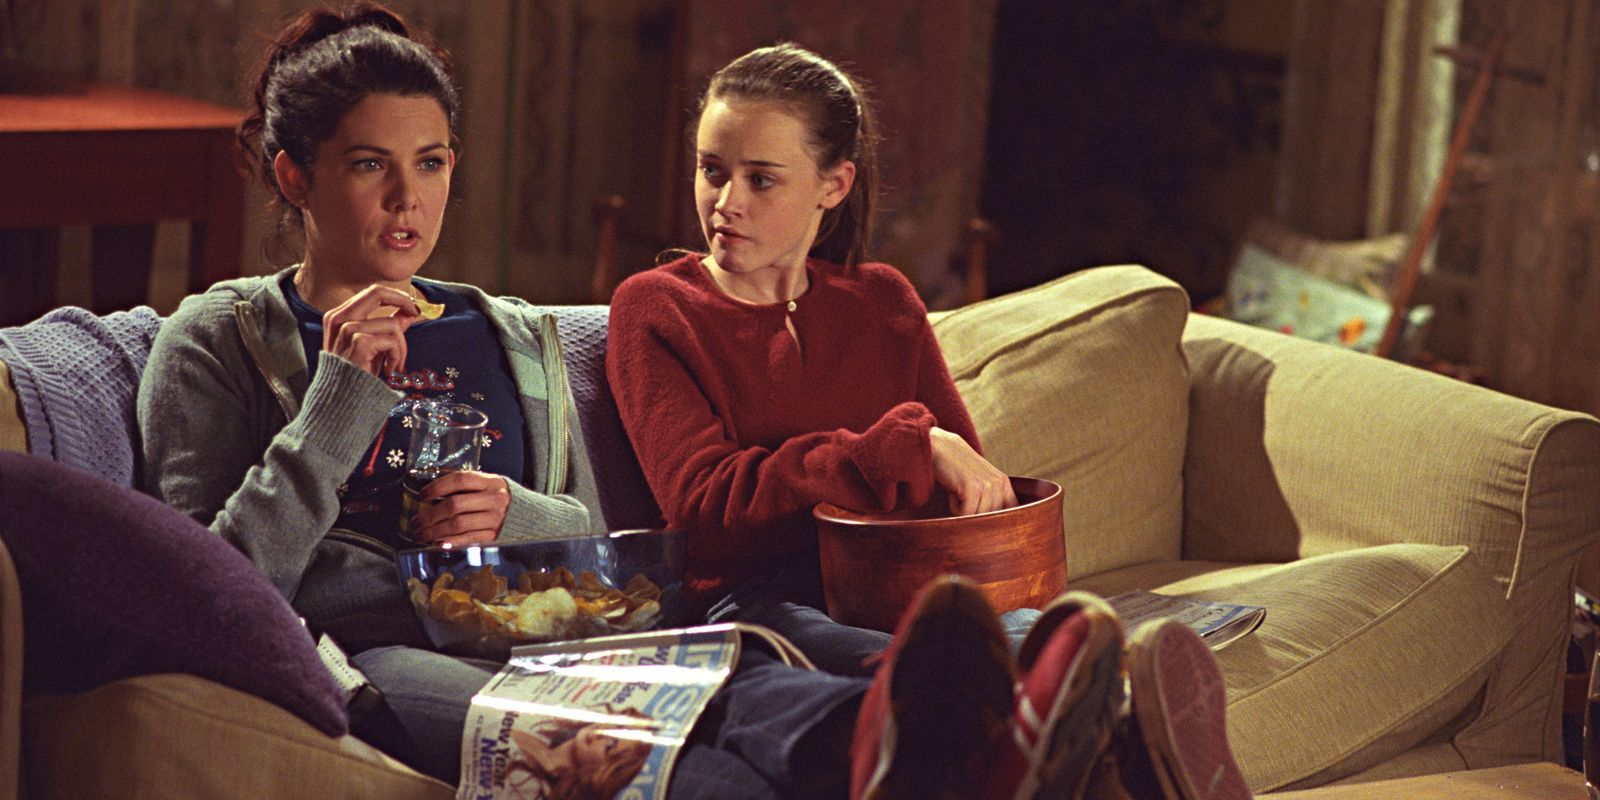 Lorelai y Rory gilmore en 'Gilmore Girls'